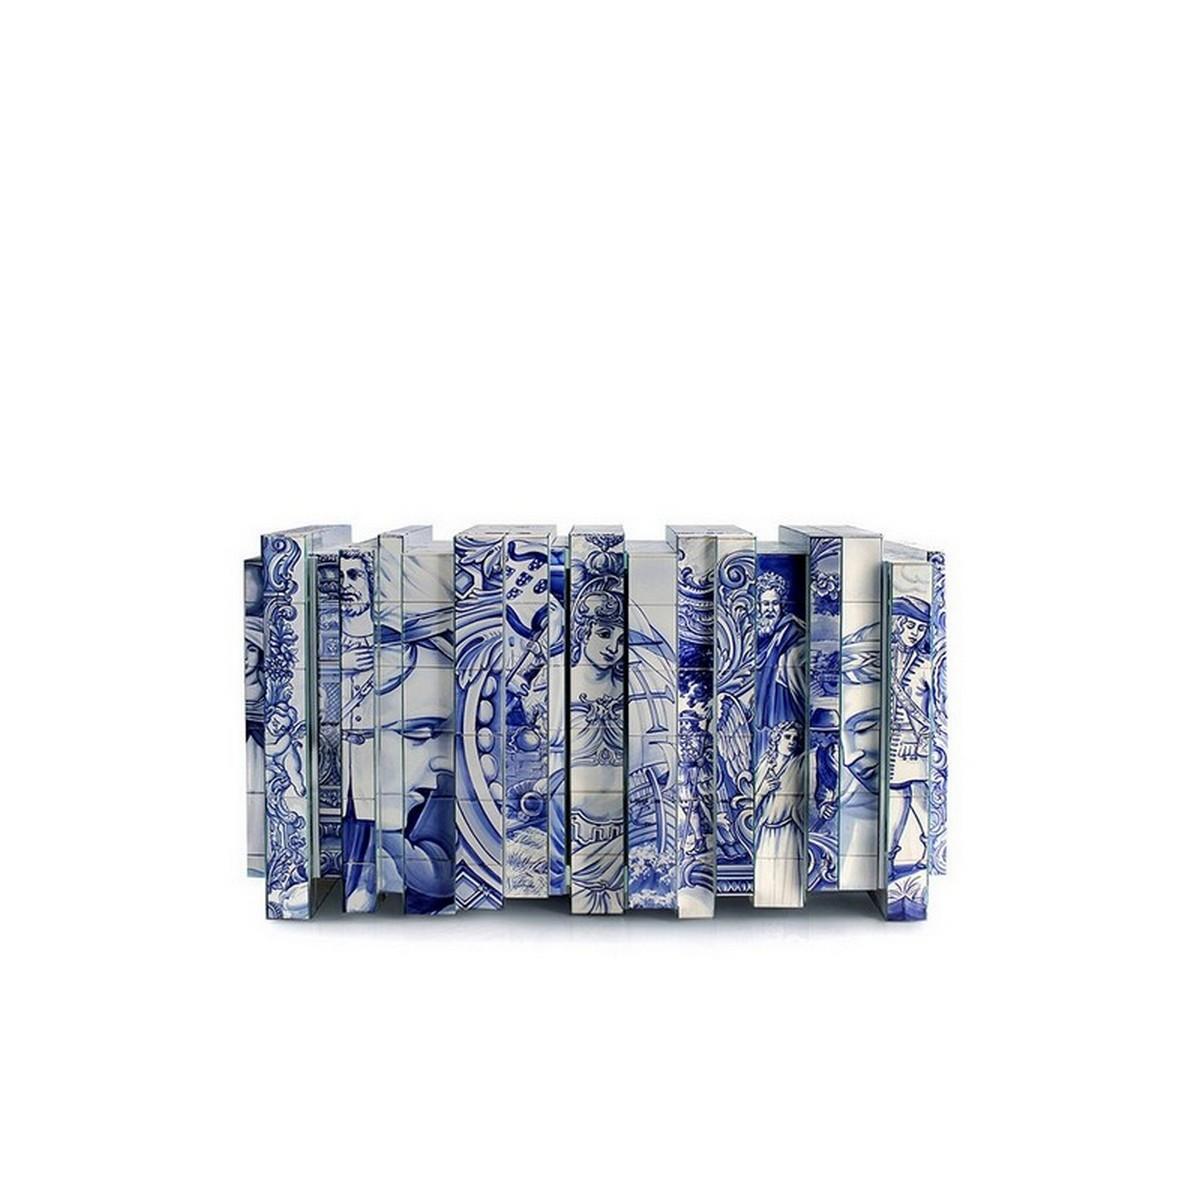 Interiores Lujuosos con Aparadores inspiradores en la arte interiores lujuosos Interiores Lujuosos con Aparadores inspiradores en la arte bl heritage sideboard general img 1200x1200 1